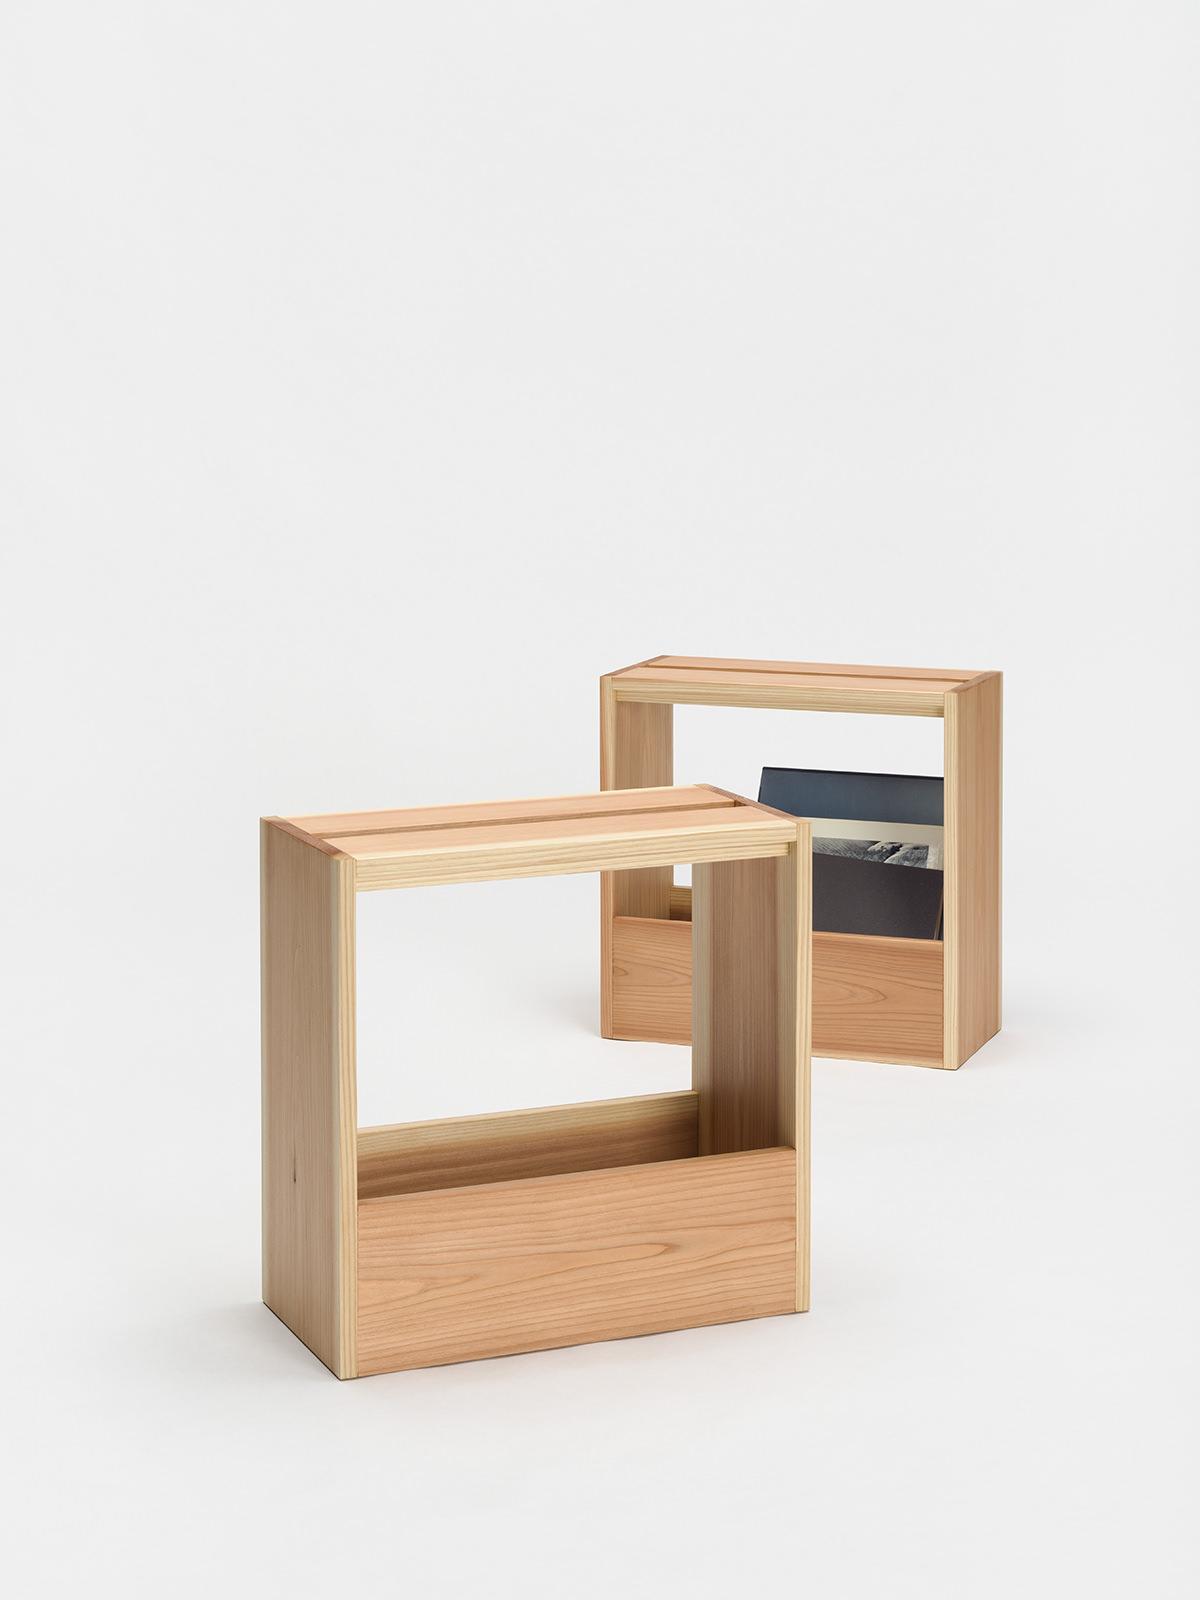 STOOLBOX Design Lars Vejen for Washitaka 01